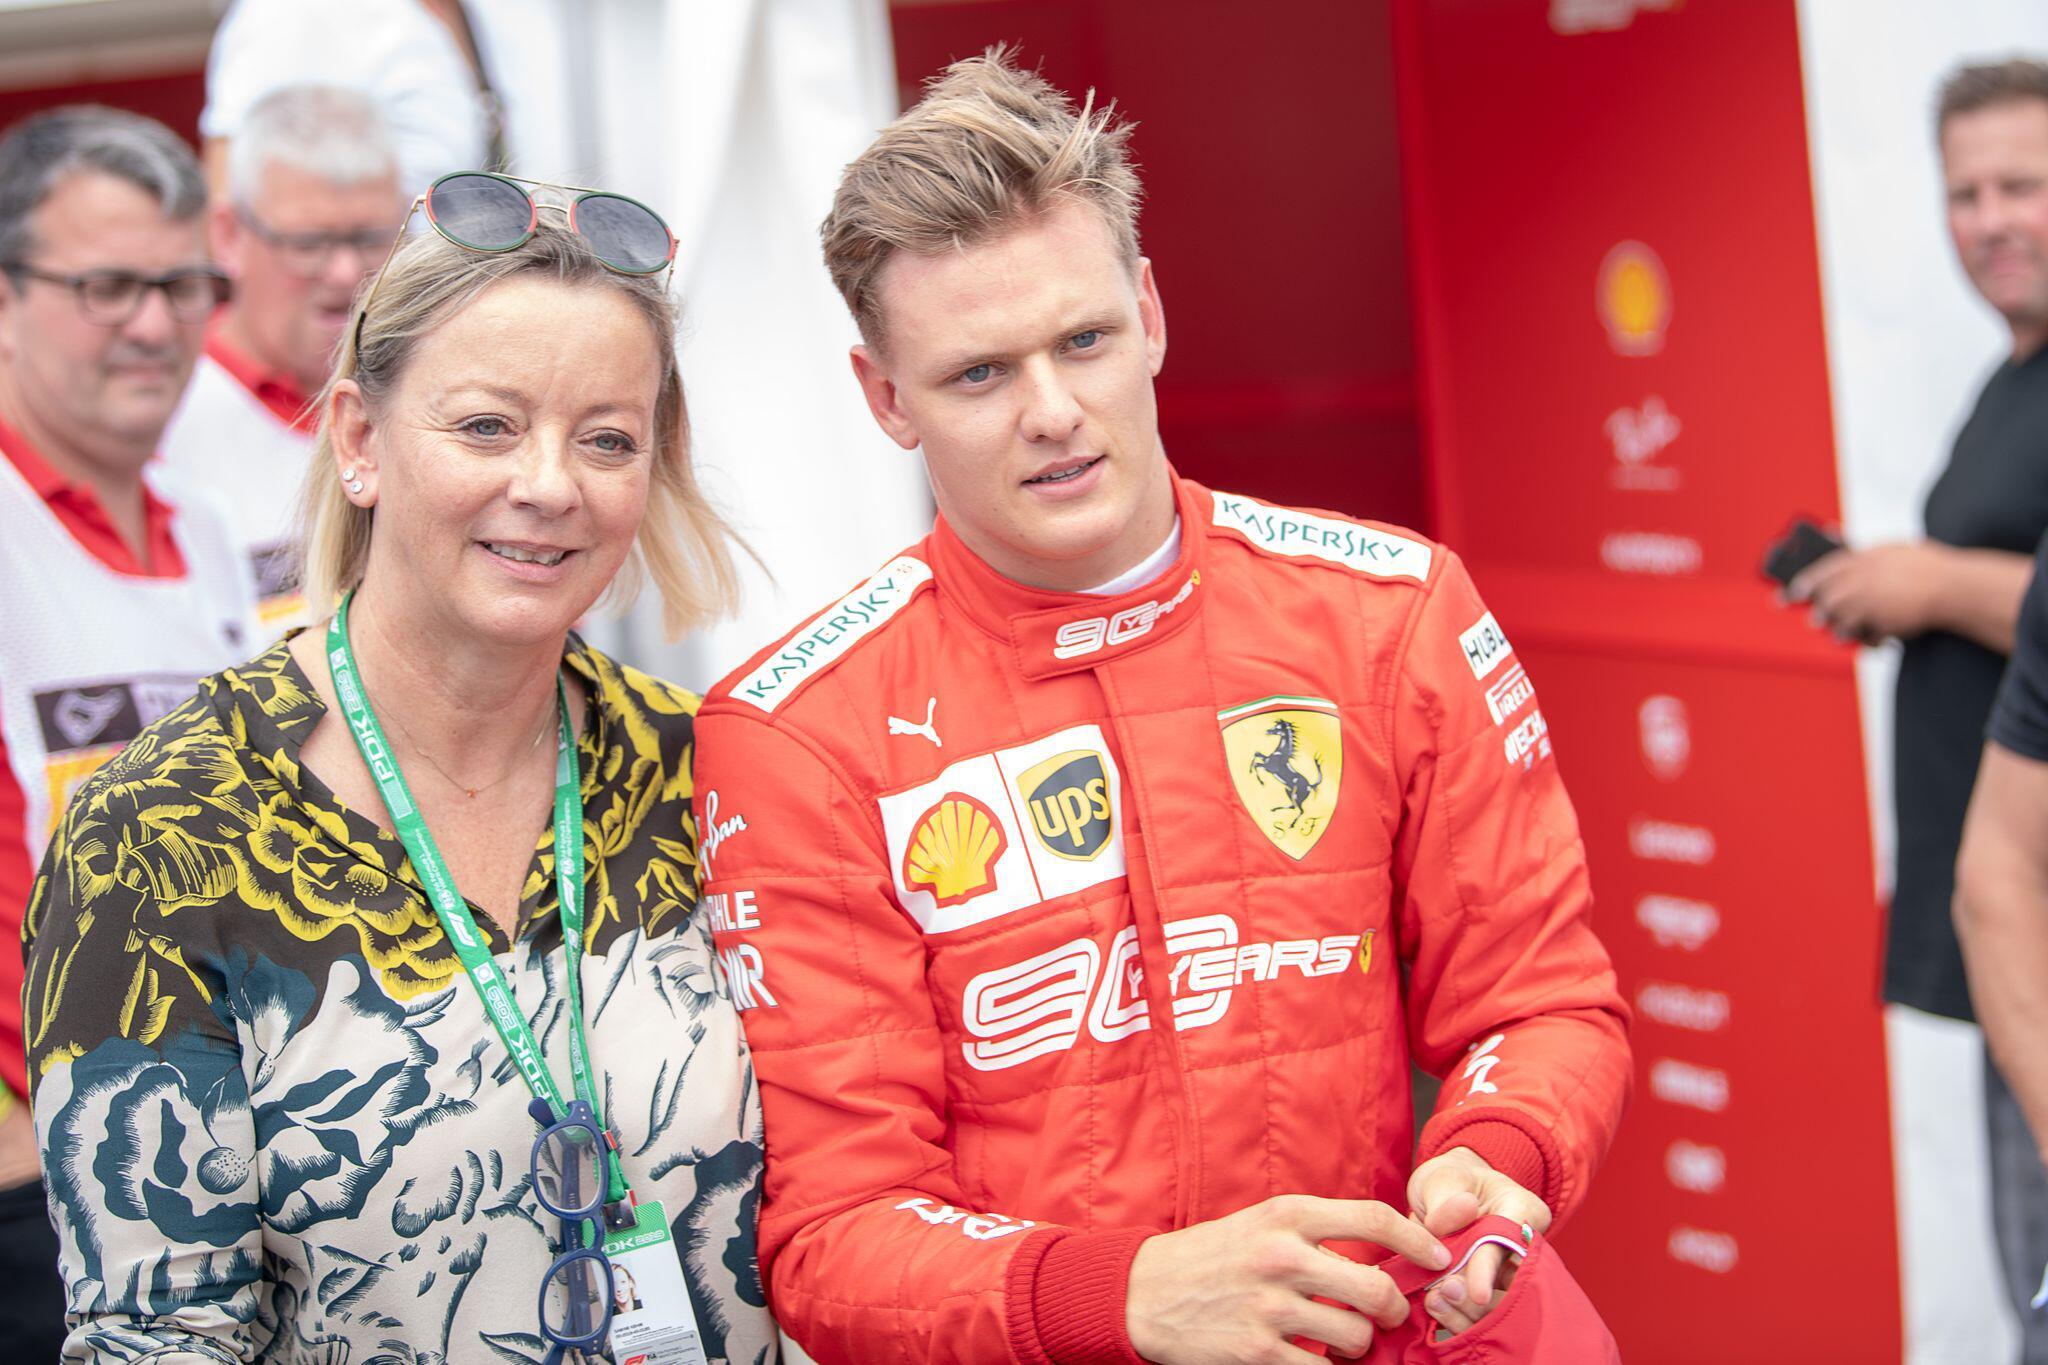 Bild zu Mick Schumacher und Managerin Sabine Kehm